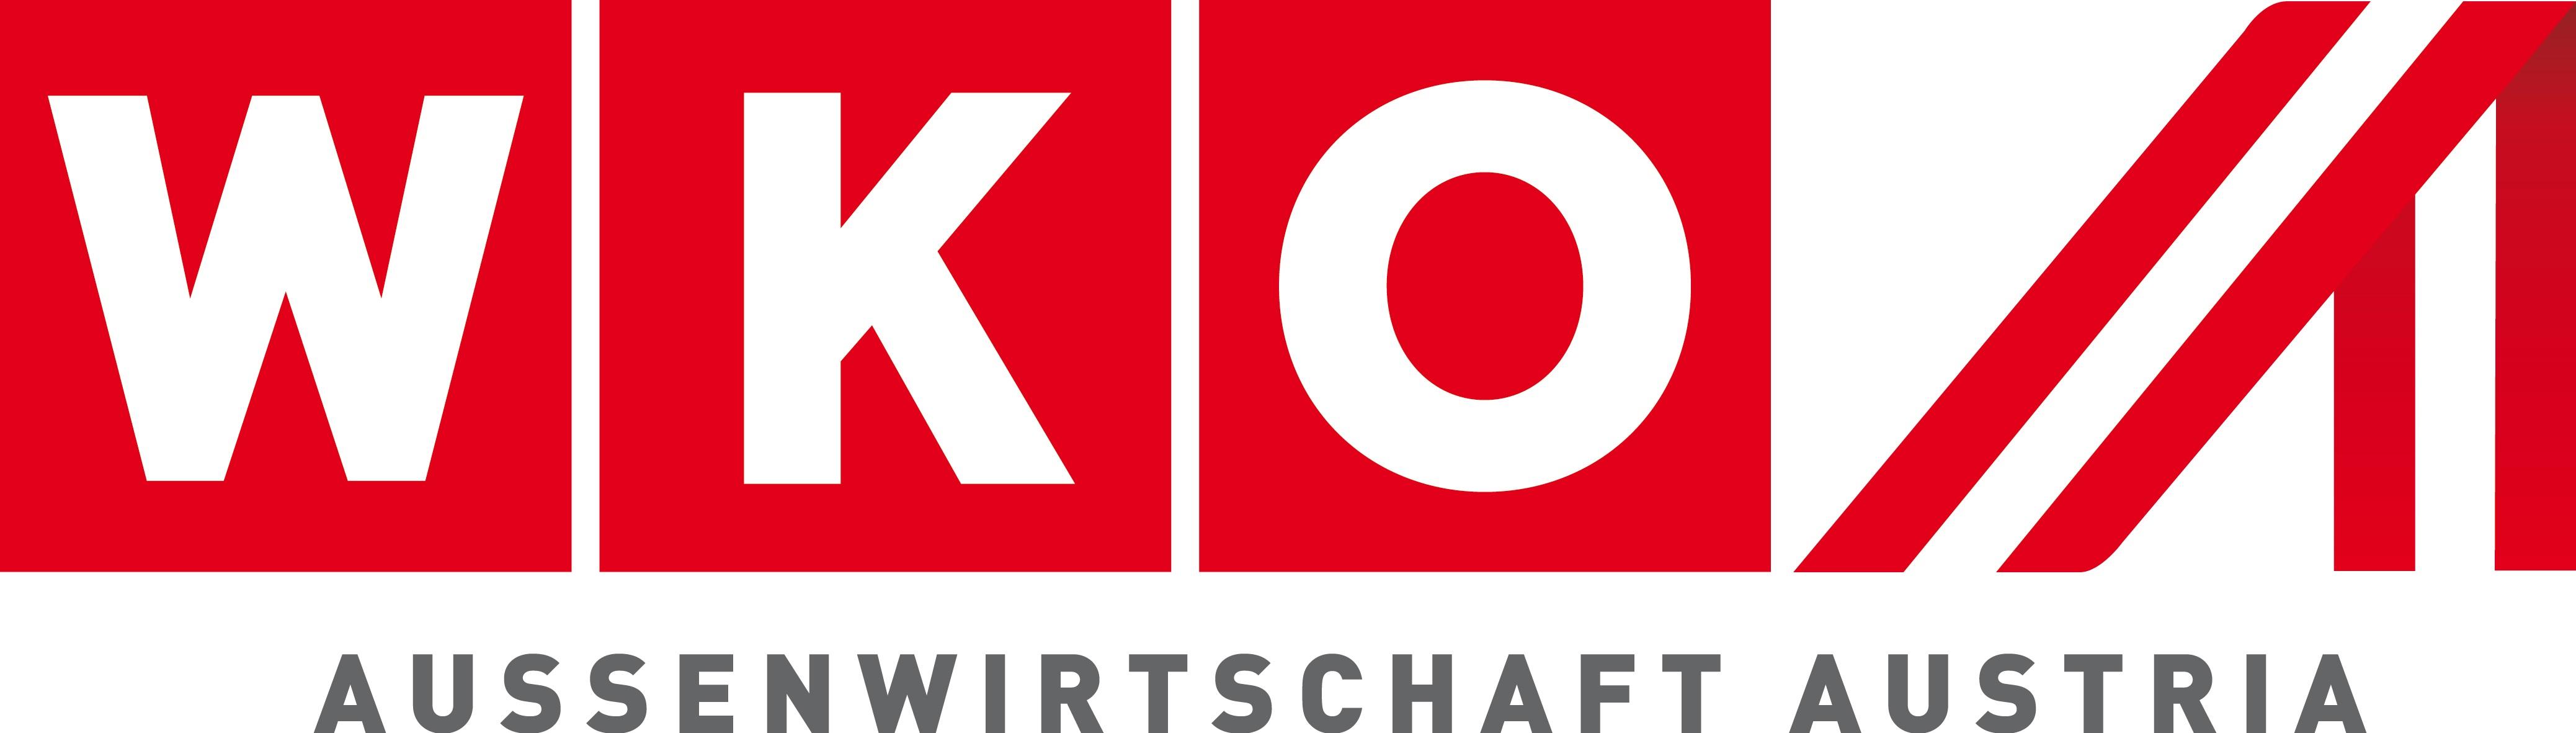 AUSSENWIRTSCHAFT AUSTRIA